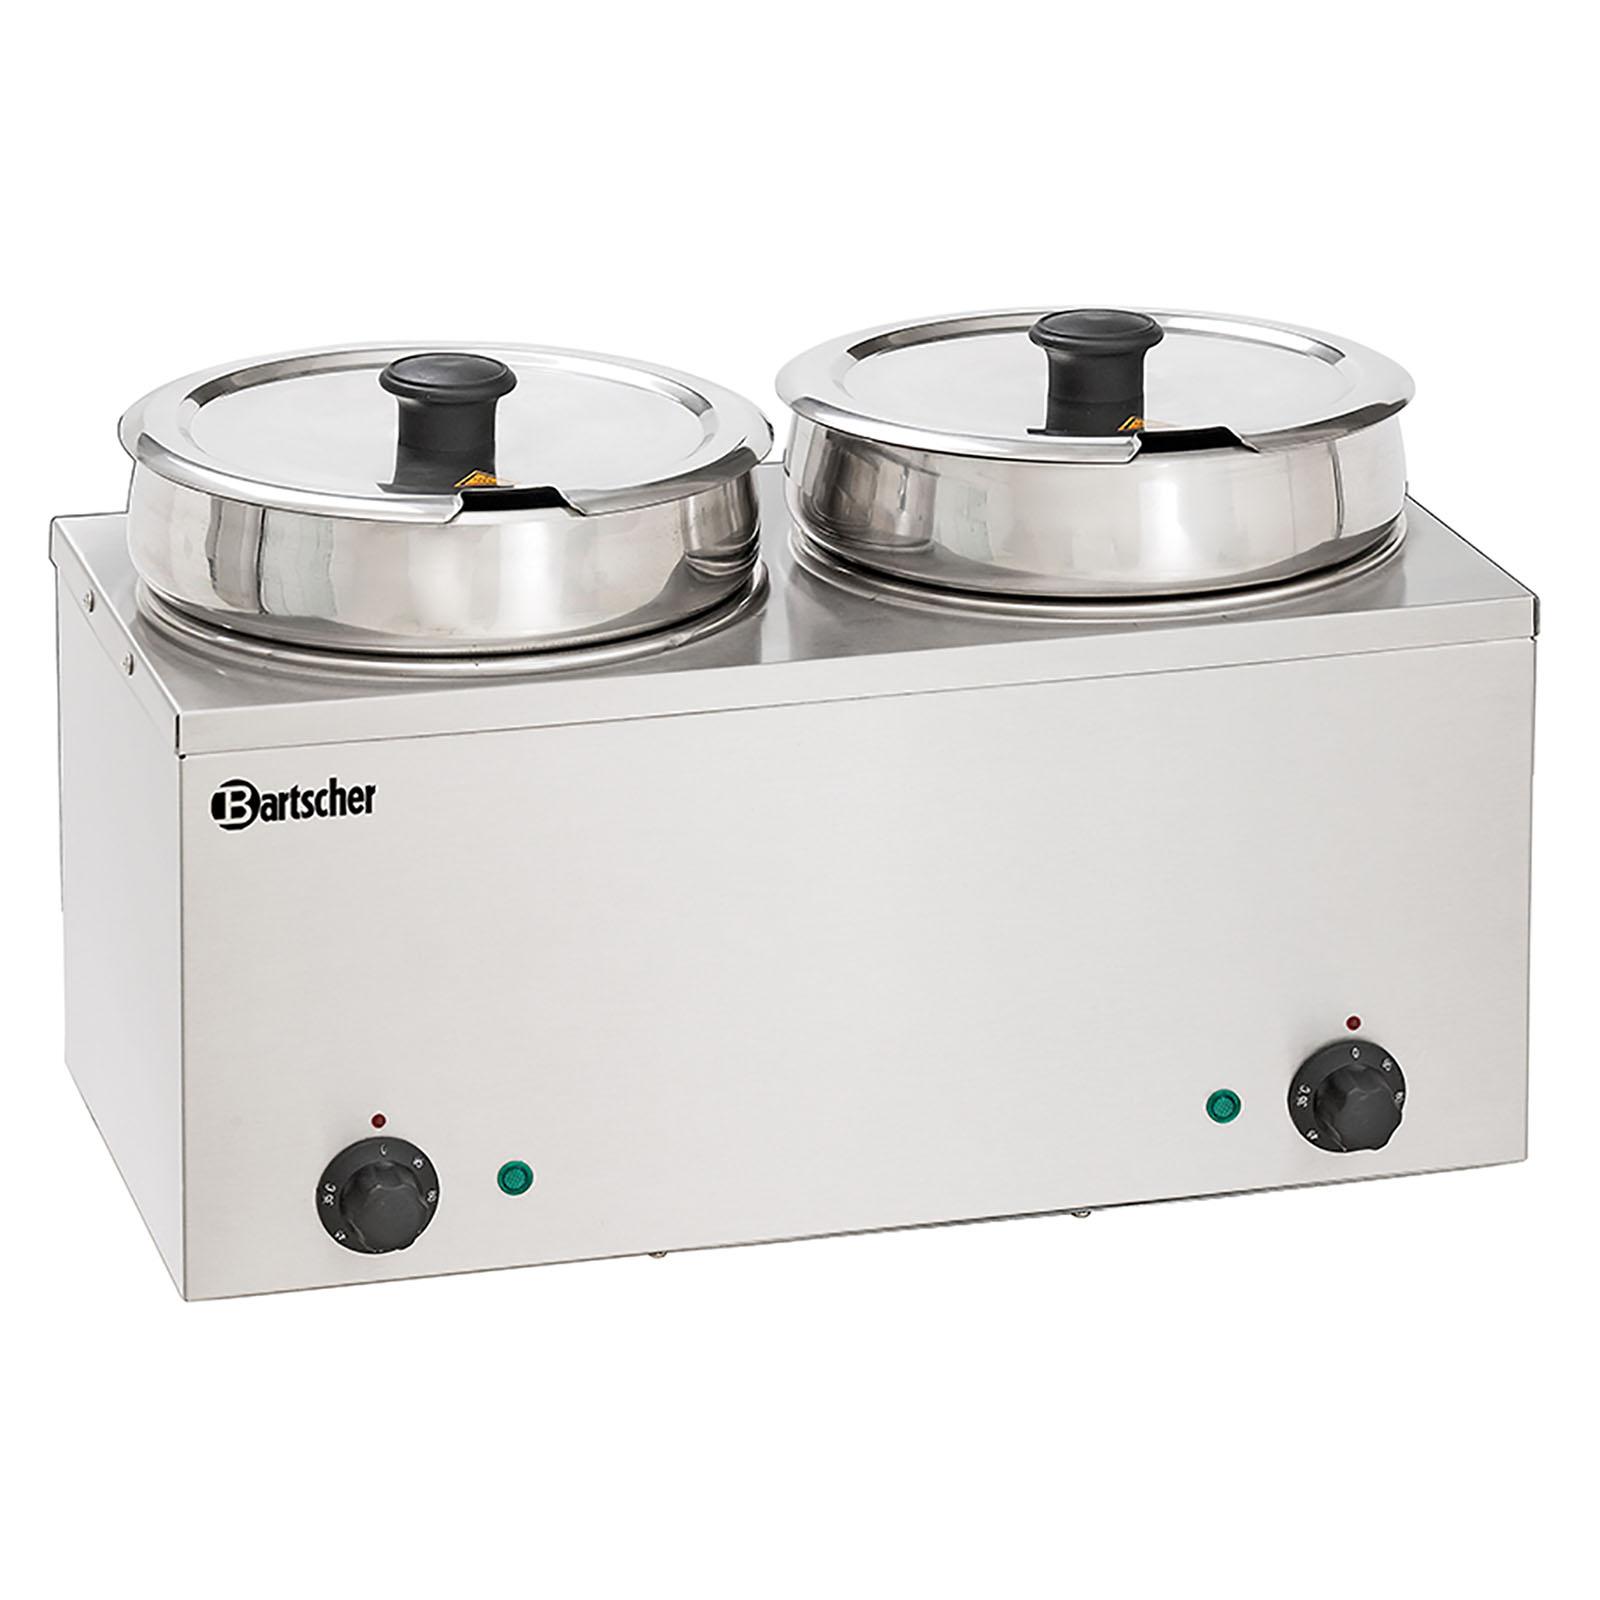 Bartscher Bain Marie Hotpot - 2 x Topf - 6,5 Liter 10190214